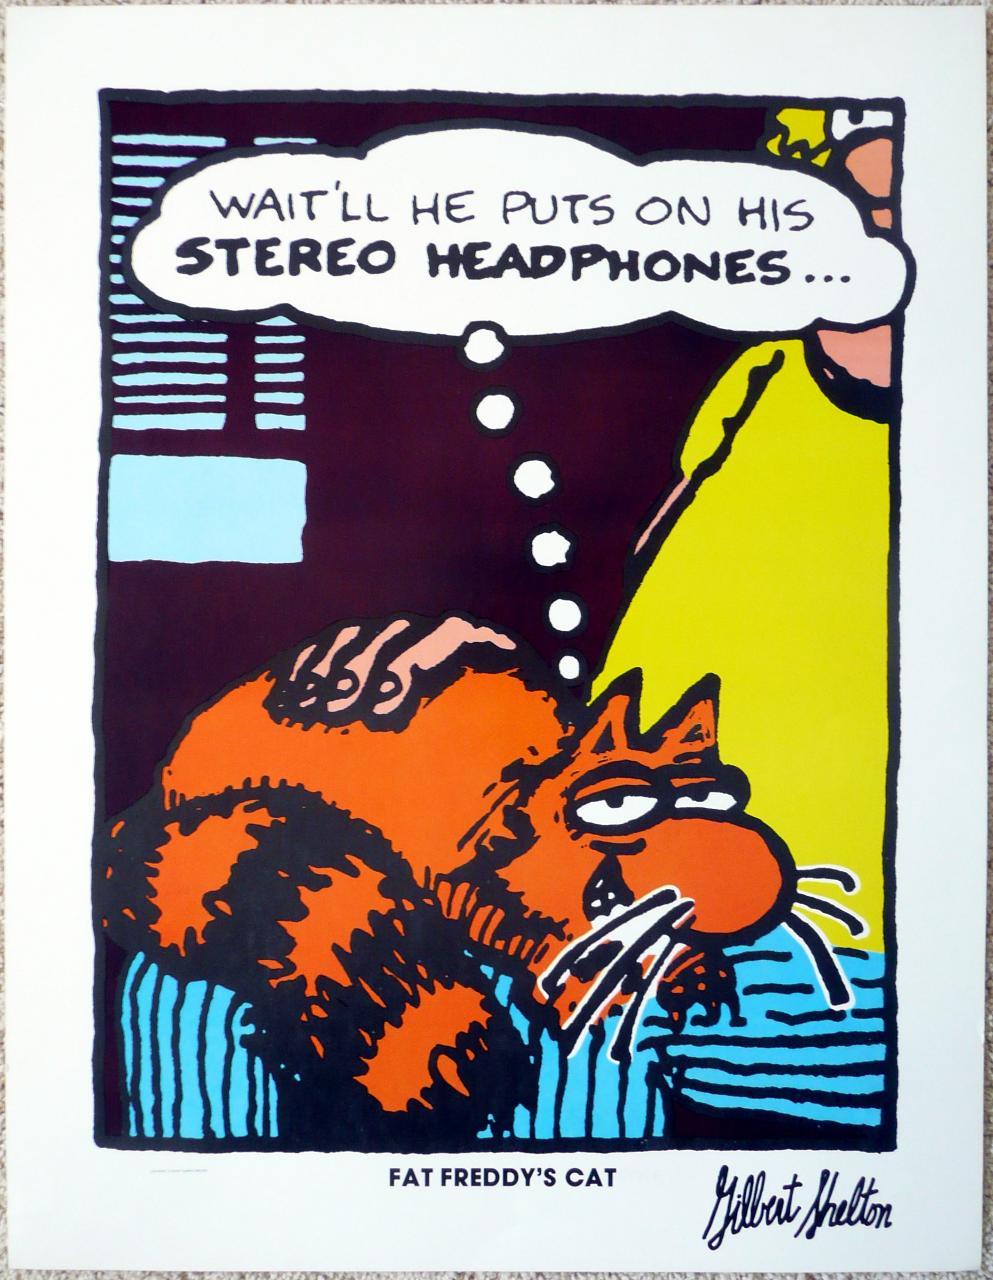 Fat Freddy's Cat-Gilbert Shelton poster.jpg